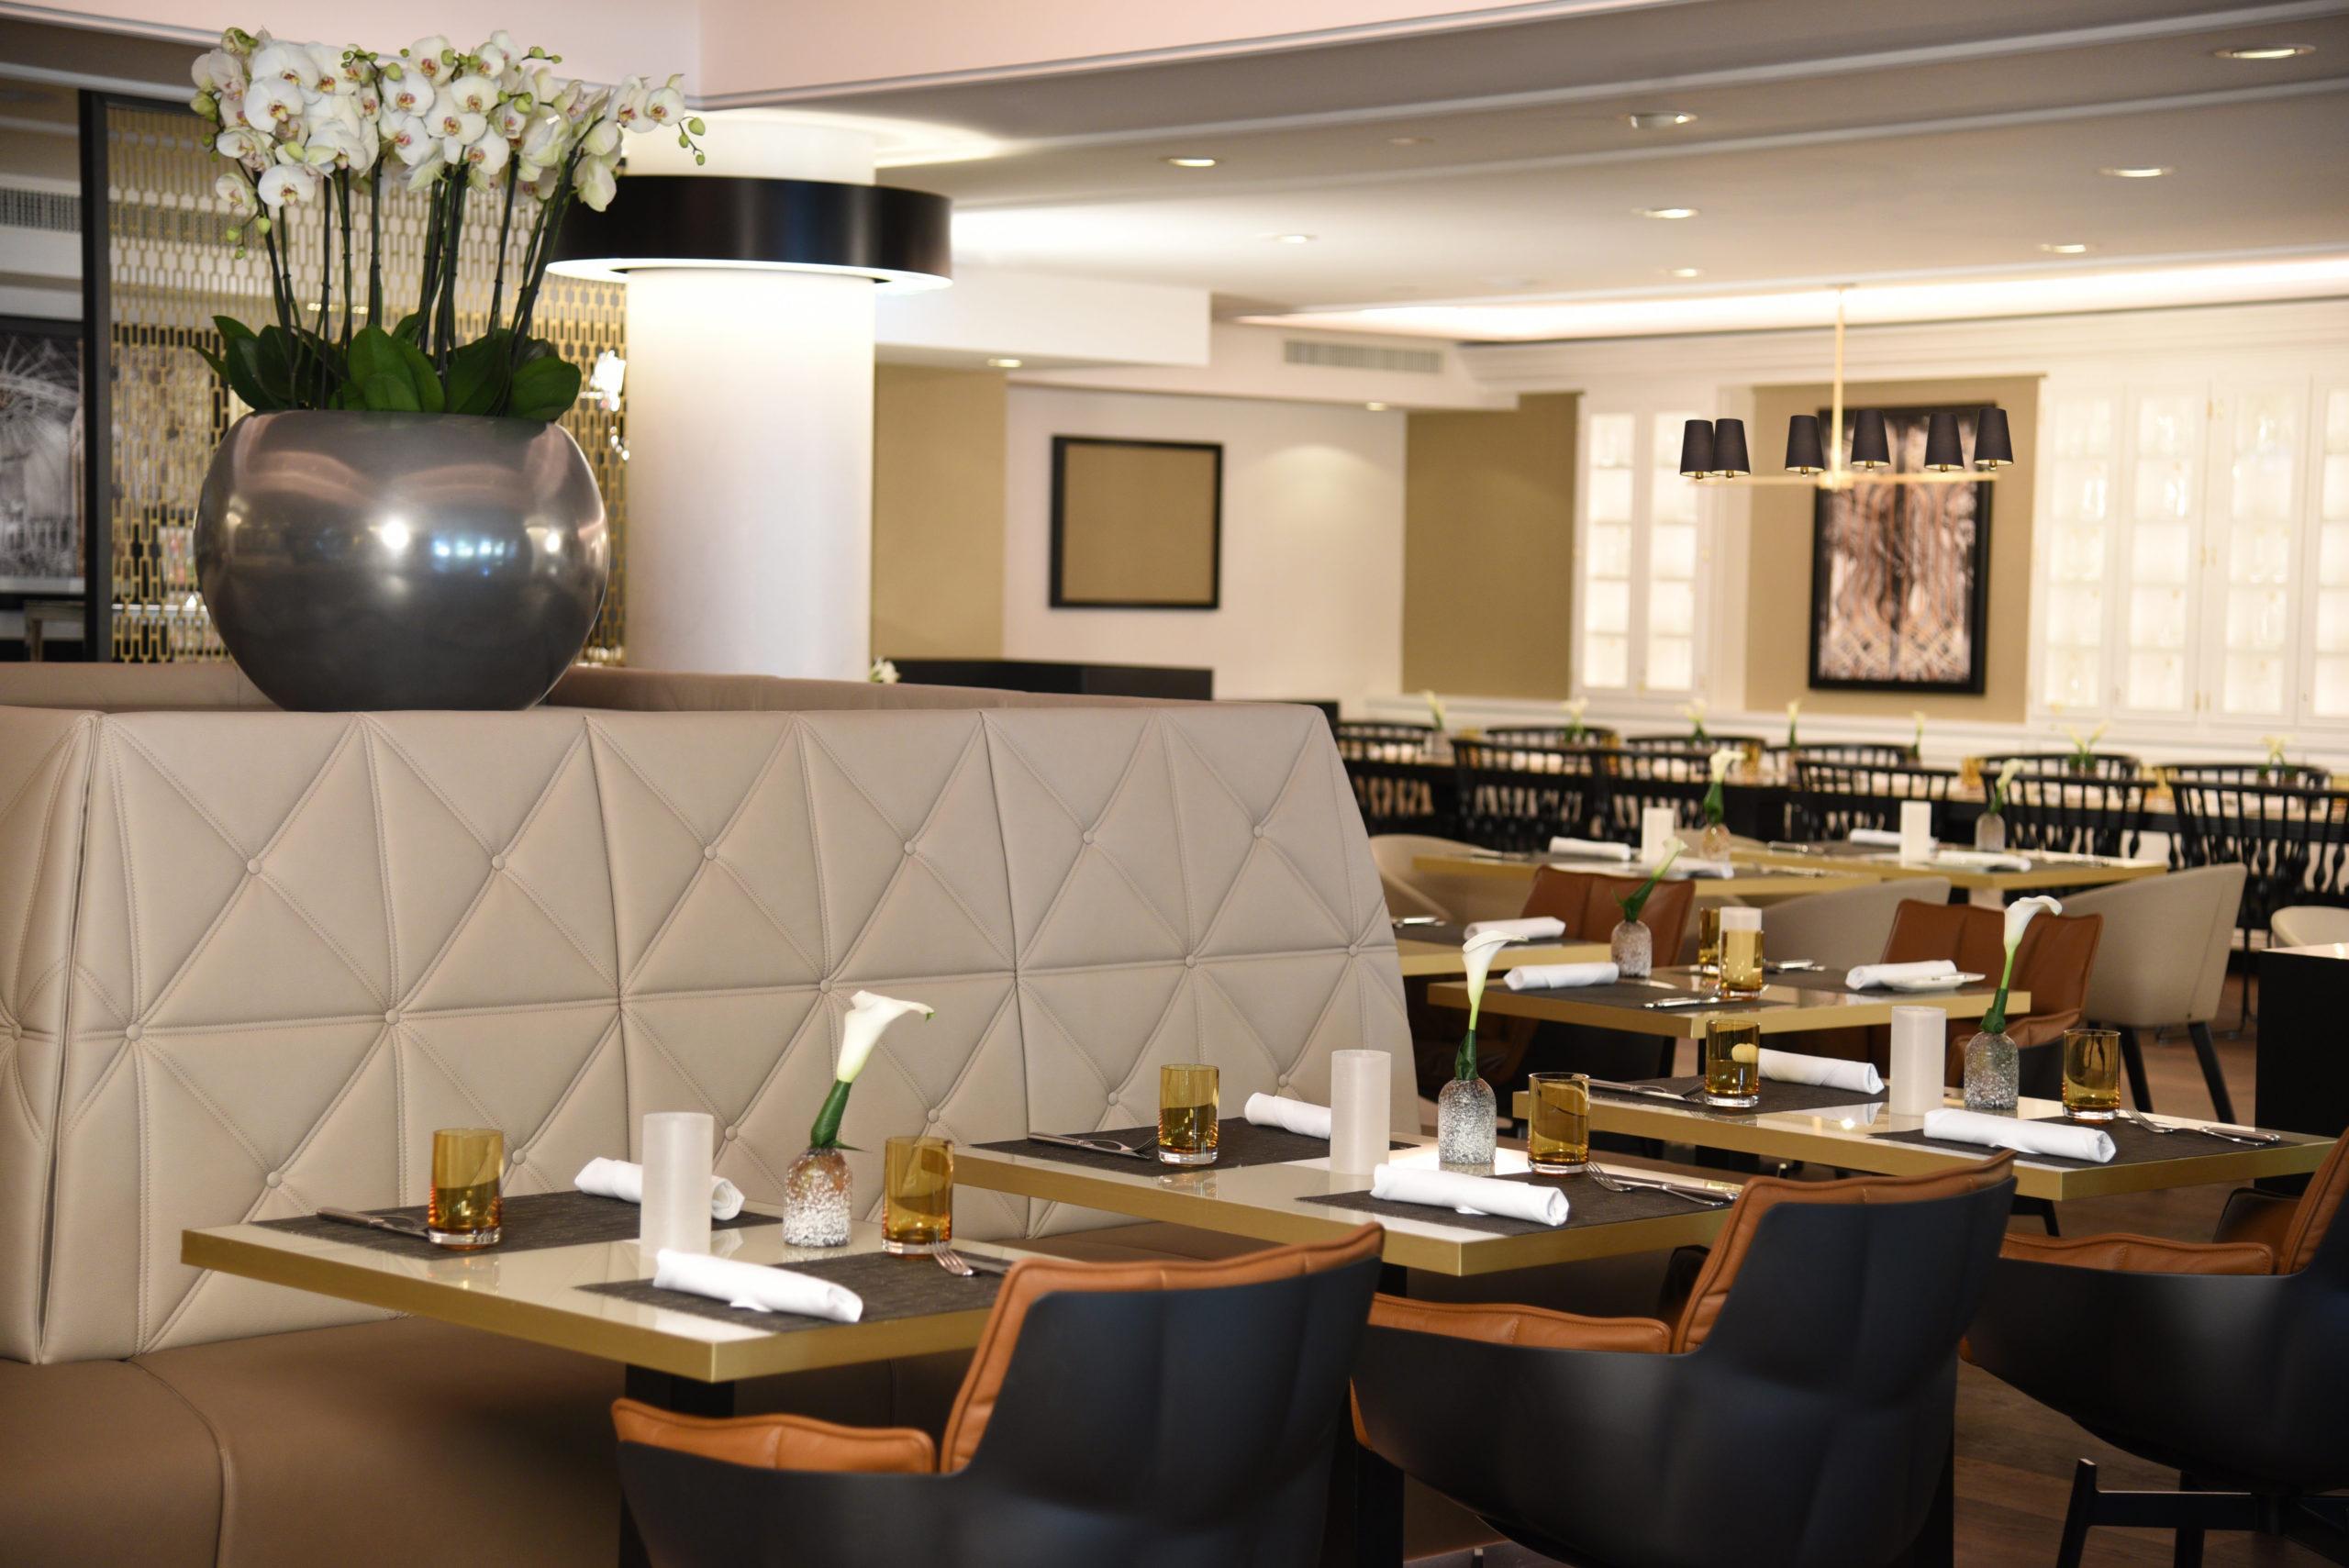 Steigenberger Hotel Bad Homburg Restaurant